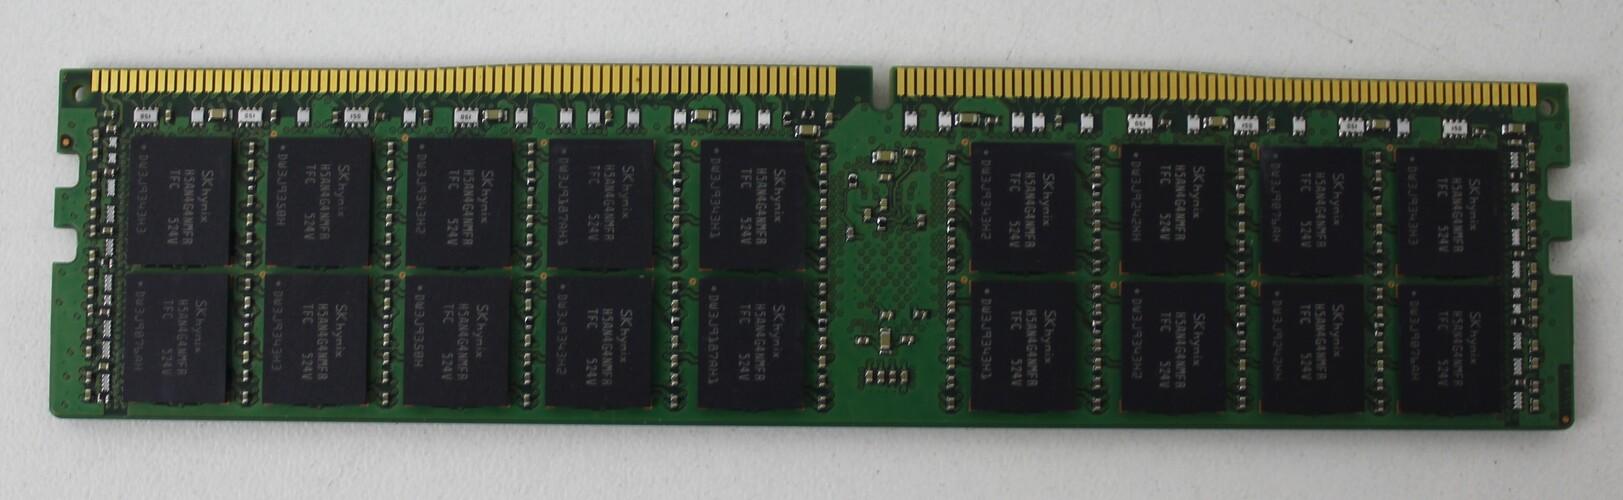 MEMORIA DE SERVIDOR SK HYNIX CHINA 16GB 2RX4 PC4-2133P-RA0-10